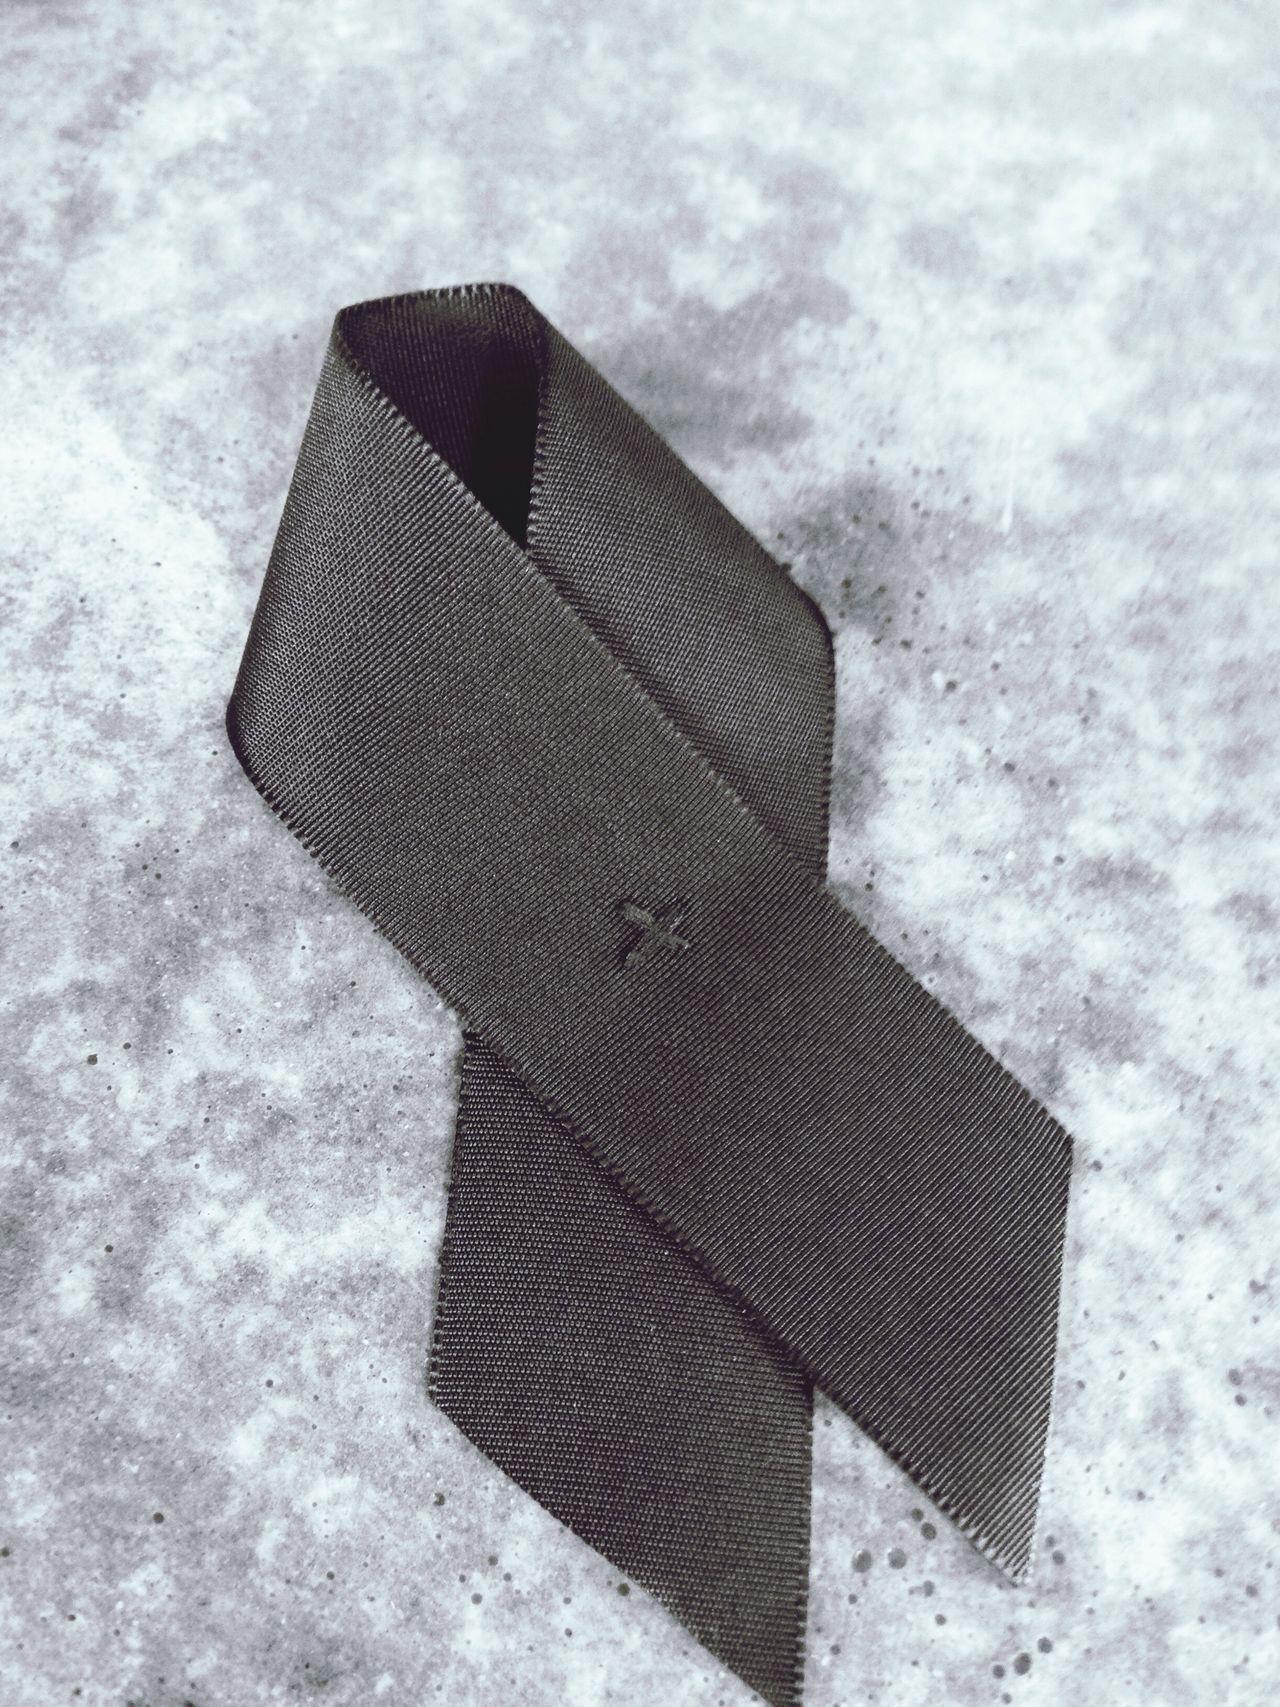 Black ribbon Black Ribbon Sadness